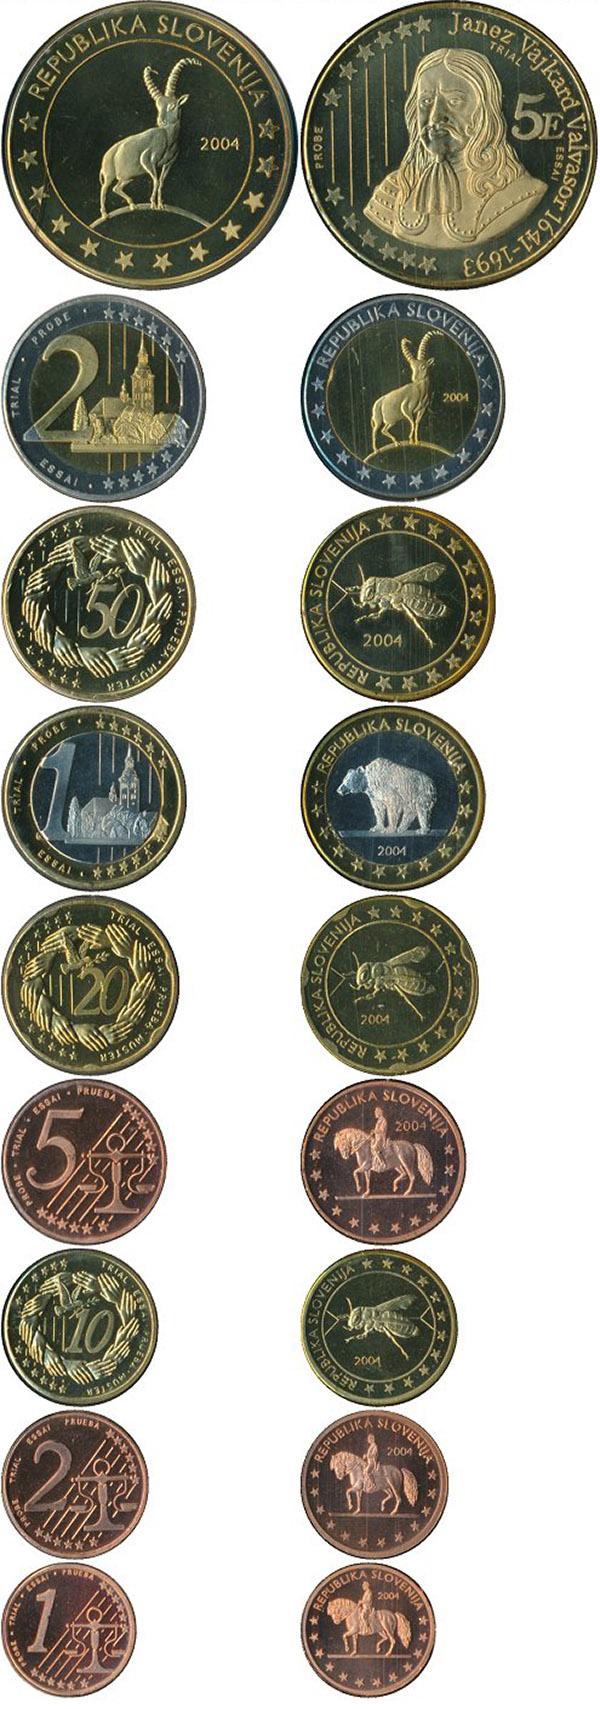 Набор монет Словения Евро-модель 2004 UNC